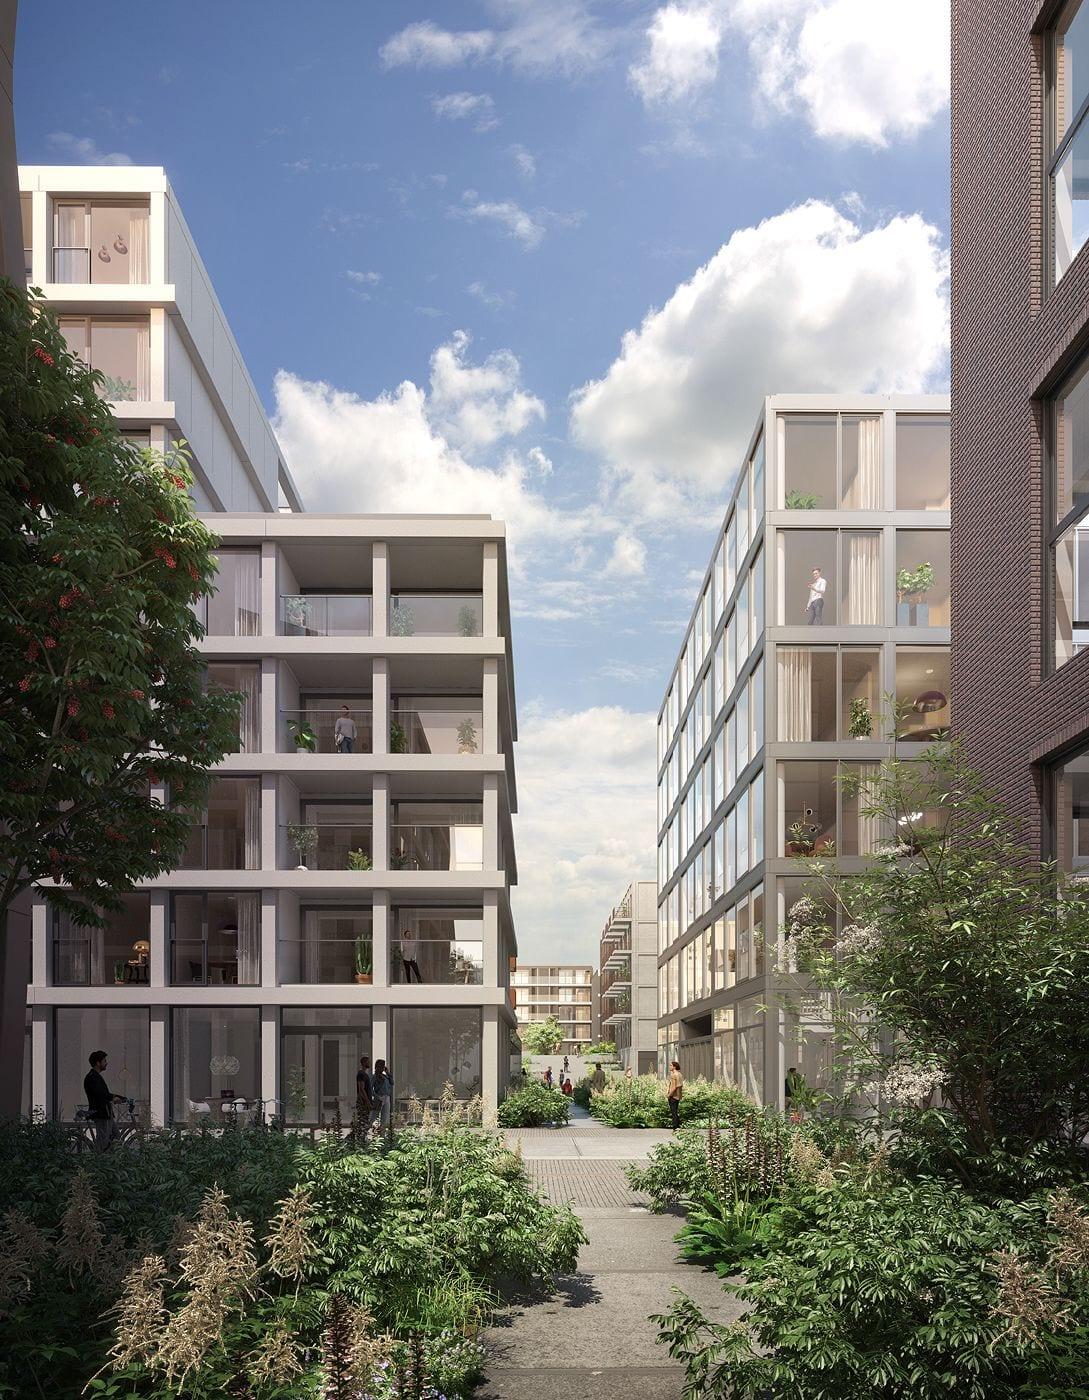 De binnentuin tussen de VOC kade en Oostenburgermiddenstraat